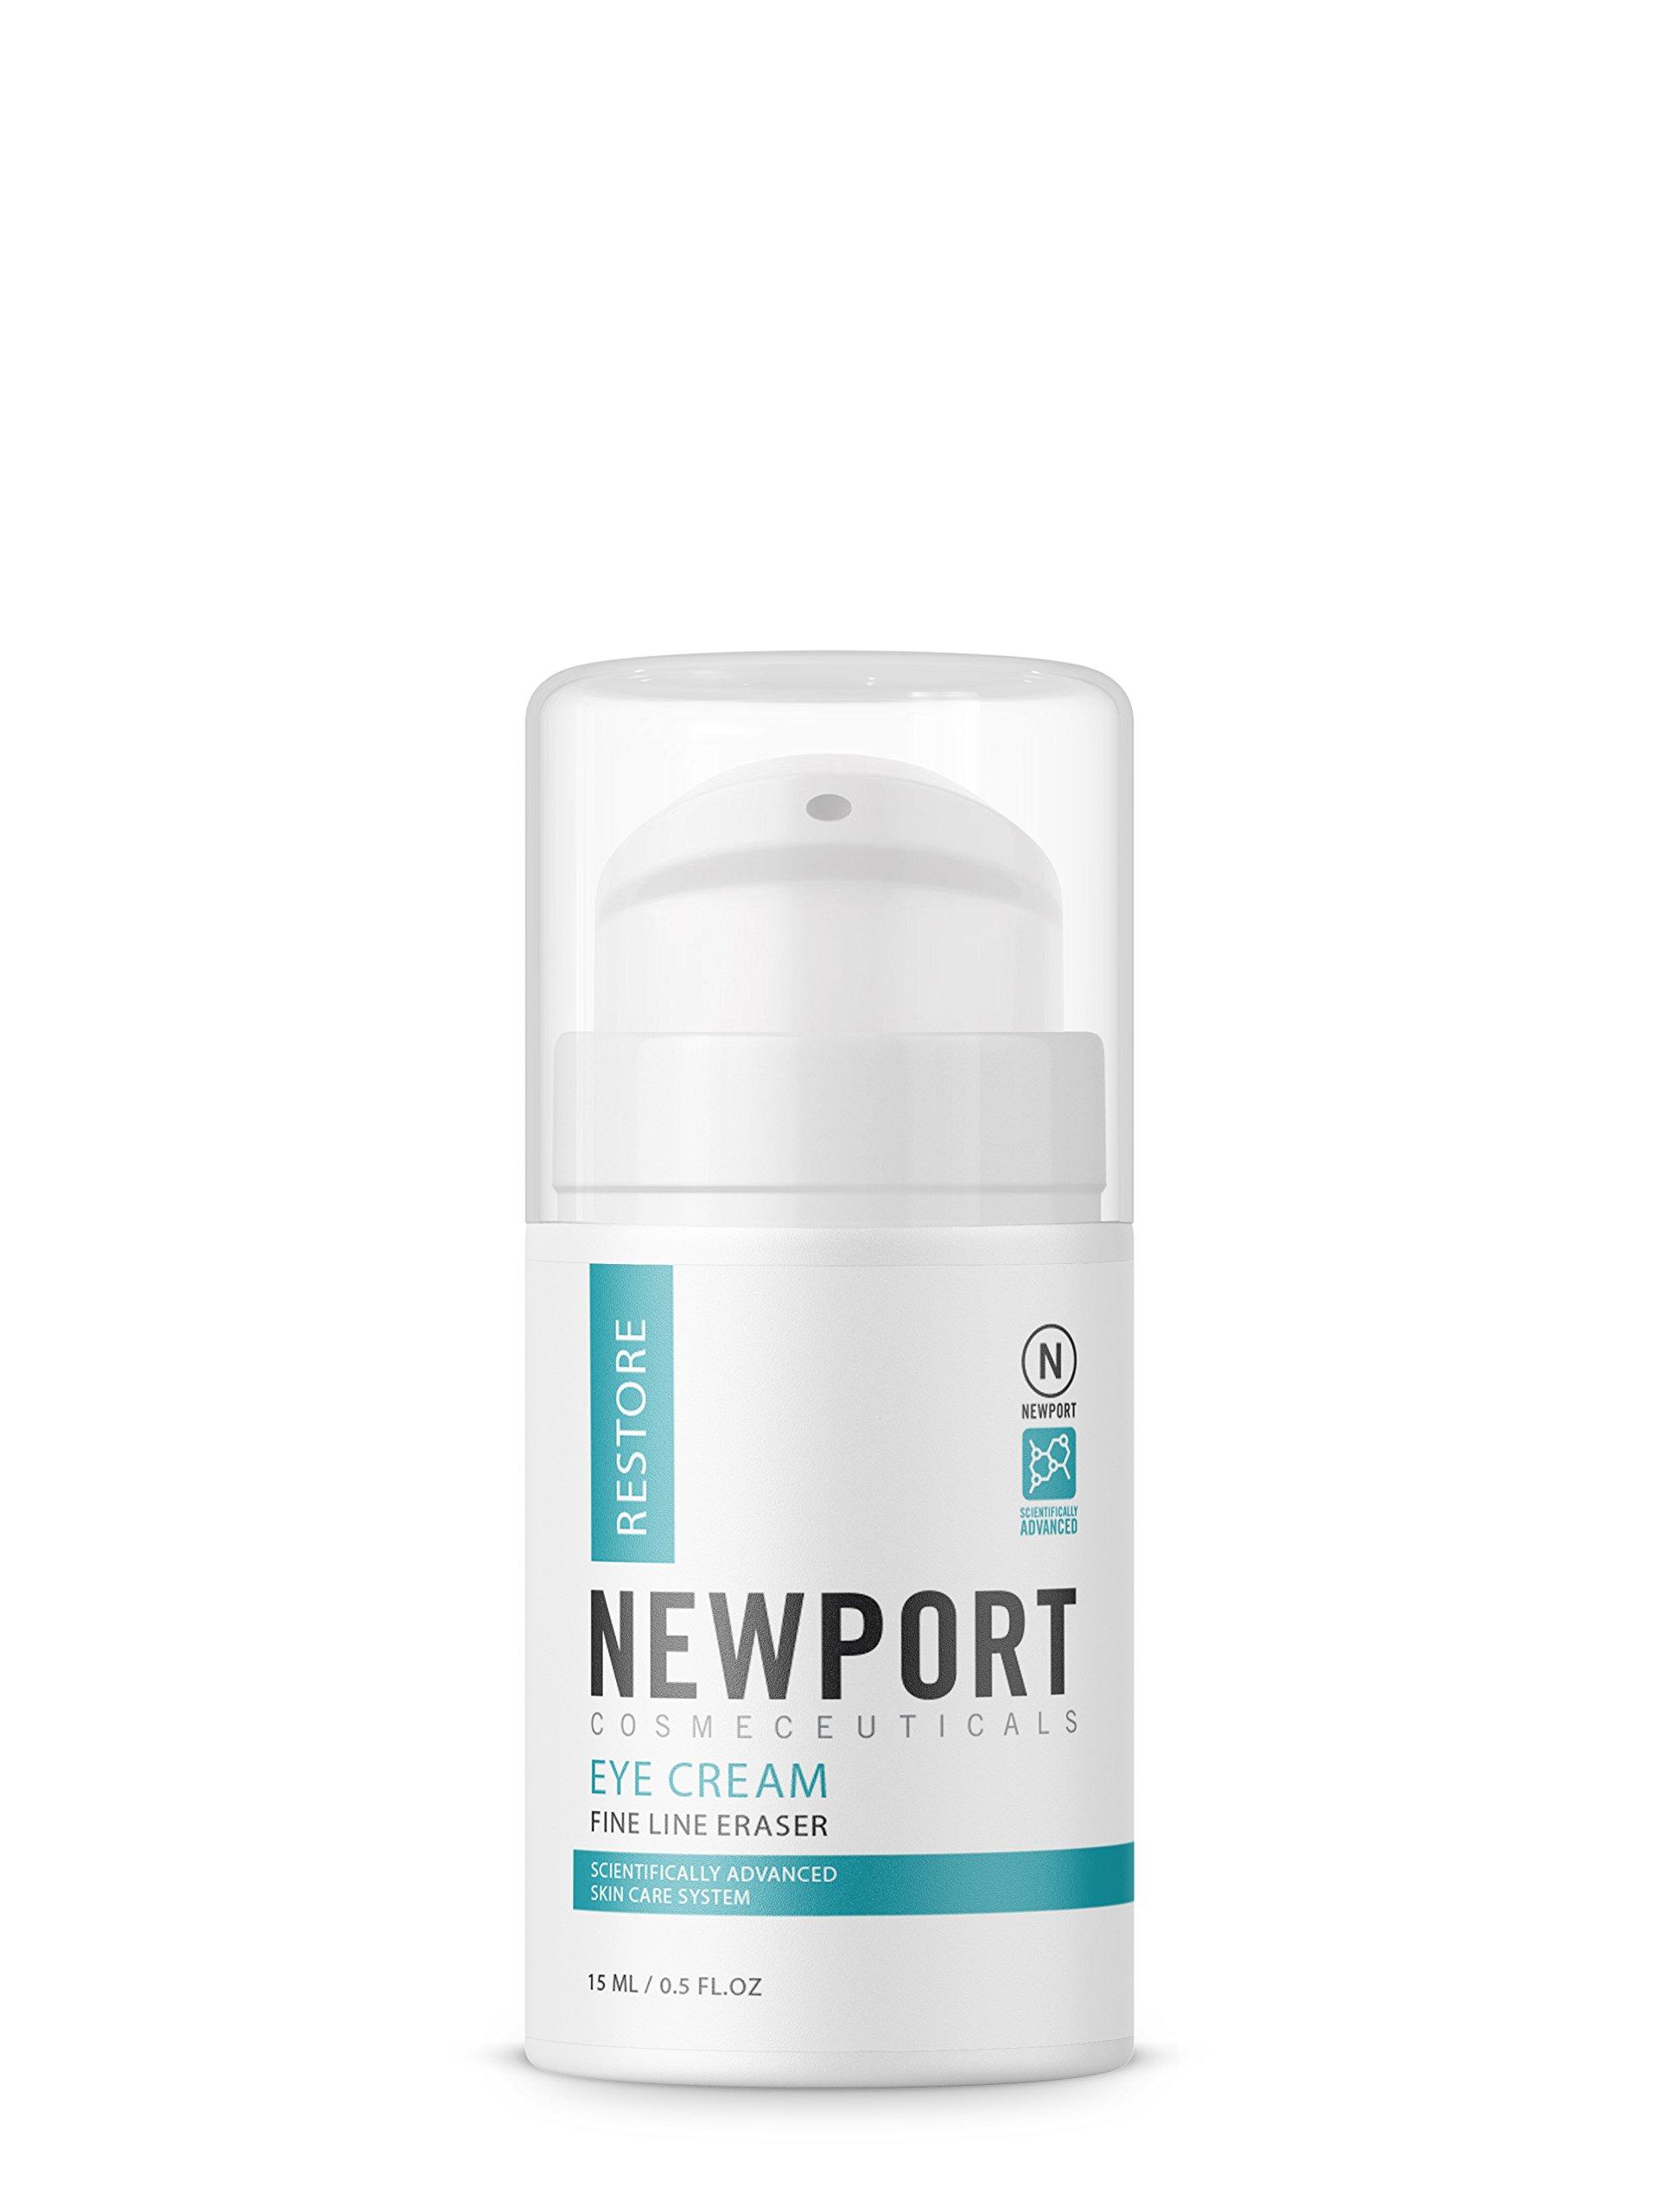 Eye Cream Anti Aging Retinol Moisturizer - Reduce Dark Circles & Under Eye Treatment - Natural Day & Night Repair Cream